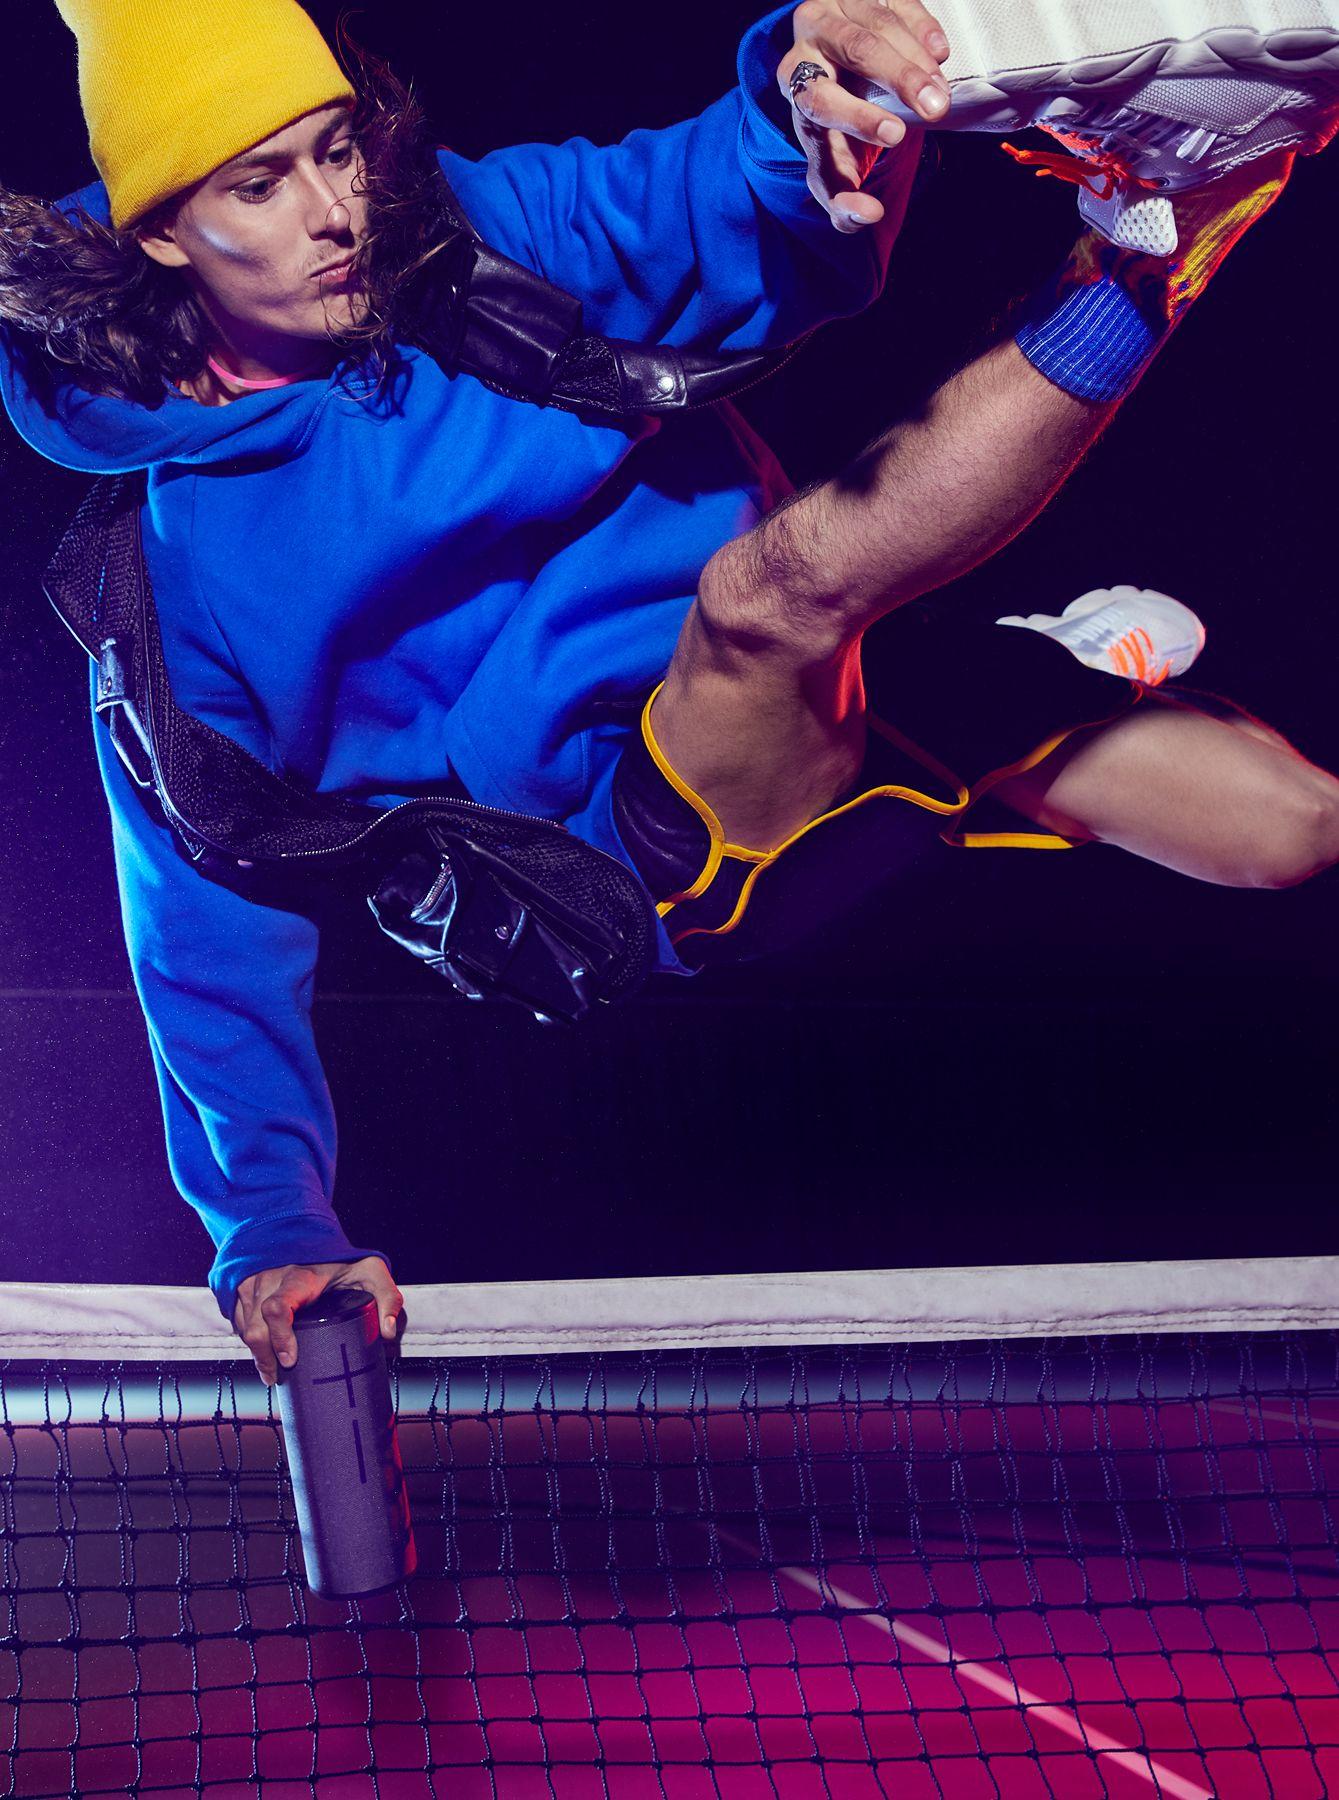 UE_Megaboom_Jump_0069_Website.jpg